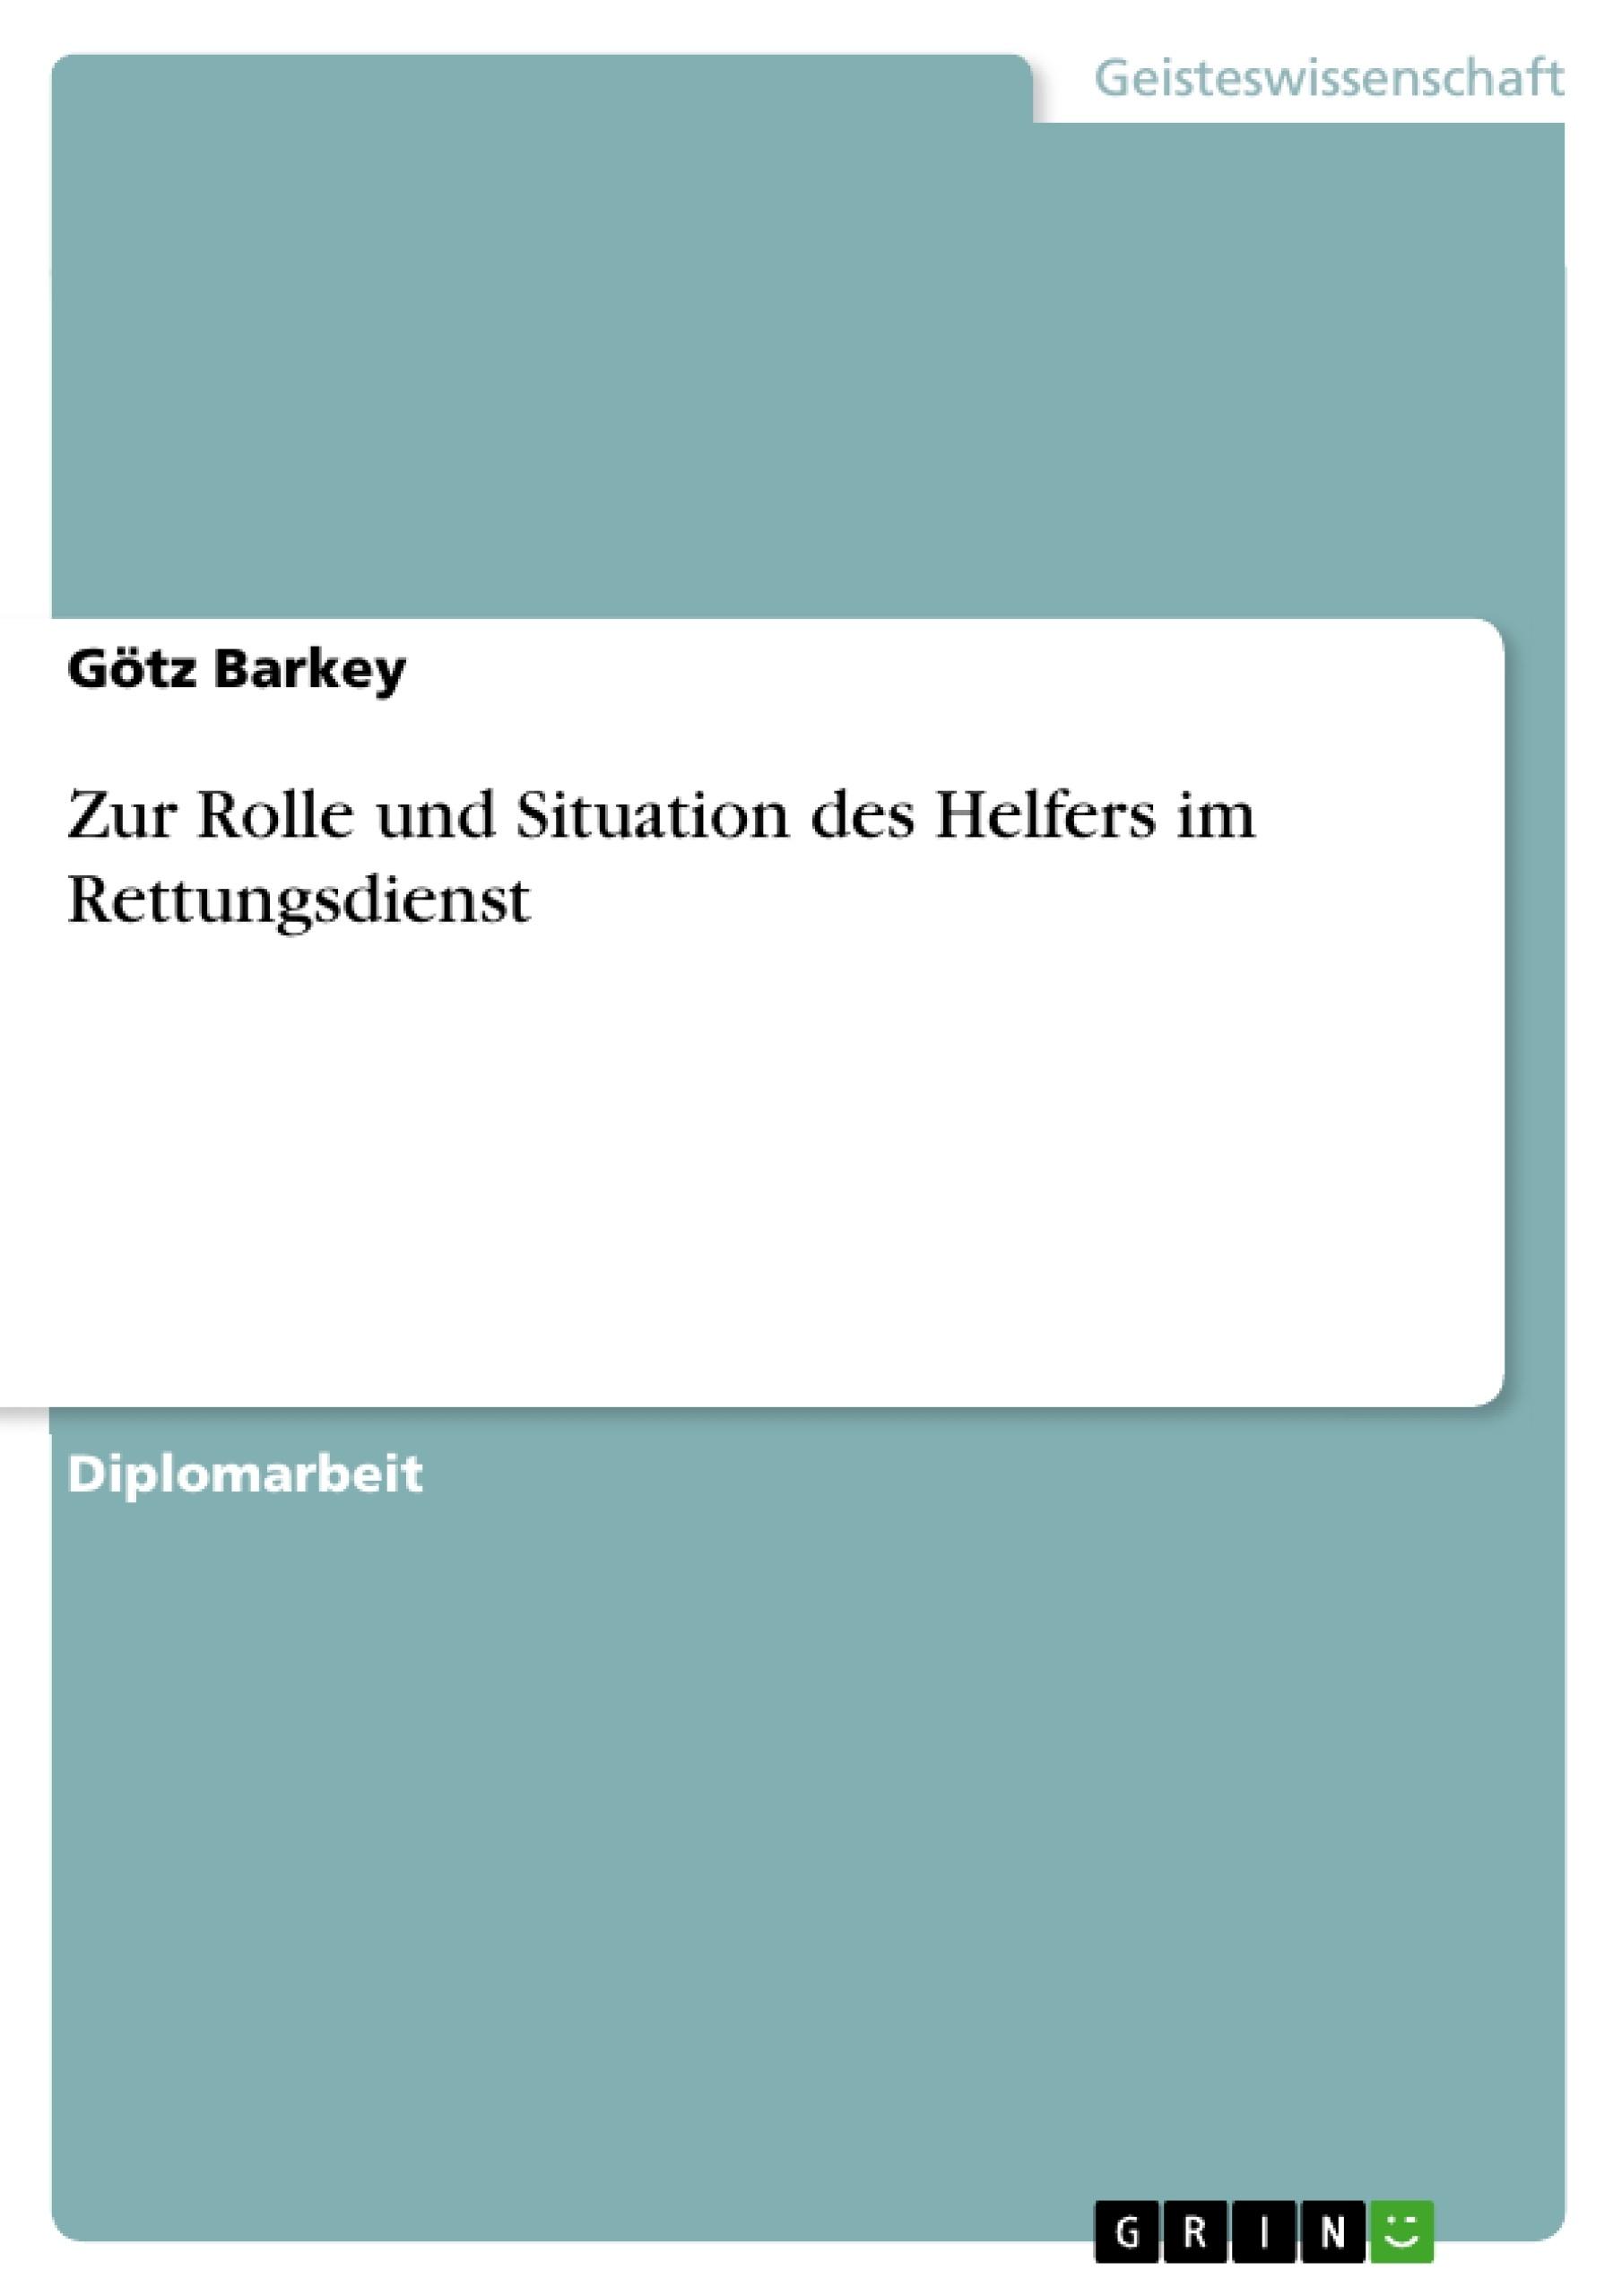 Titel: Zur Rolle und Situation des Helfers im Rettungsdienst